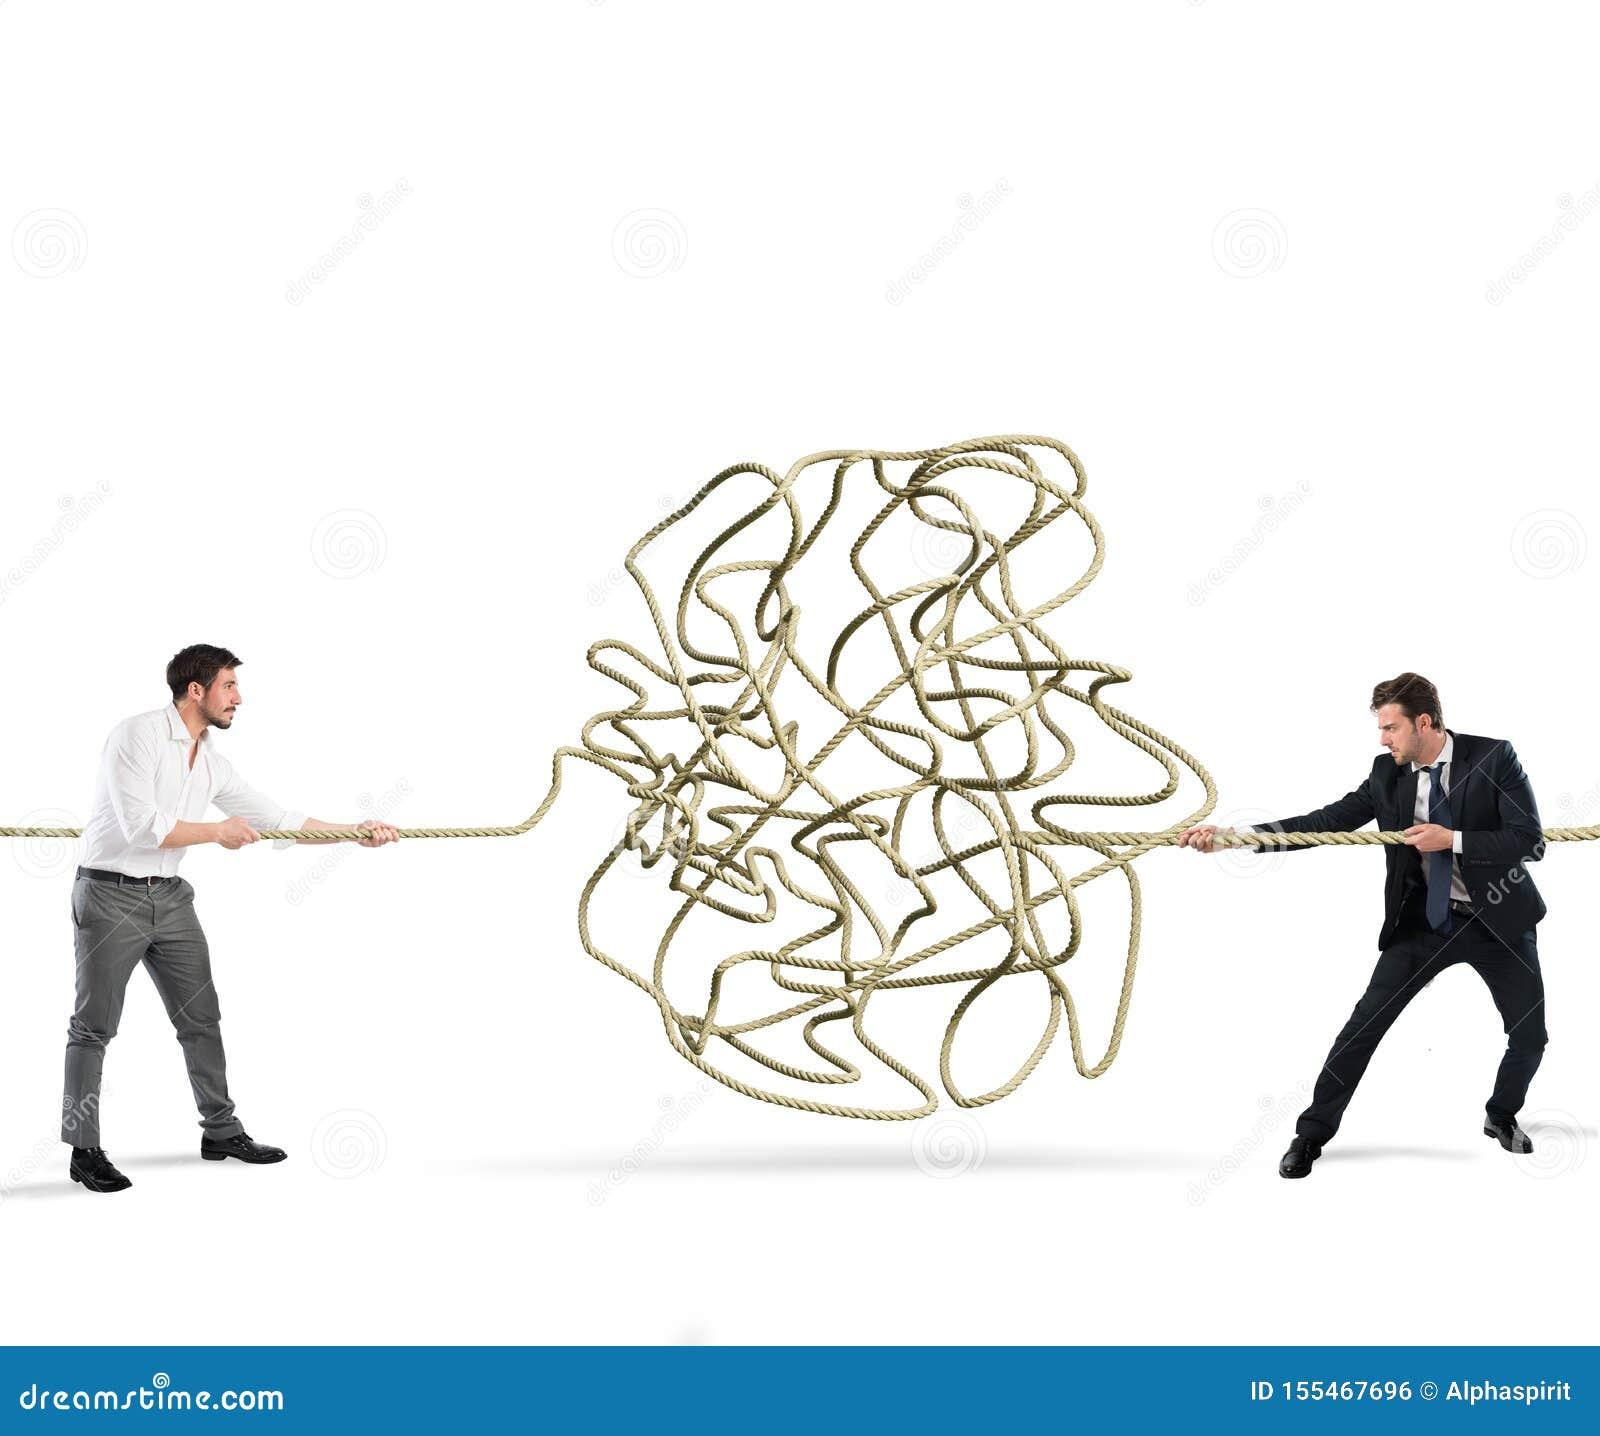 Οι επιχειρηματίες προσπαθούν να λύσουν ένα μπλεγμένο σχοινί r